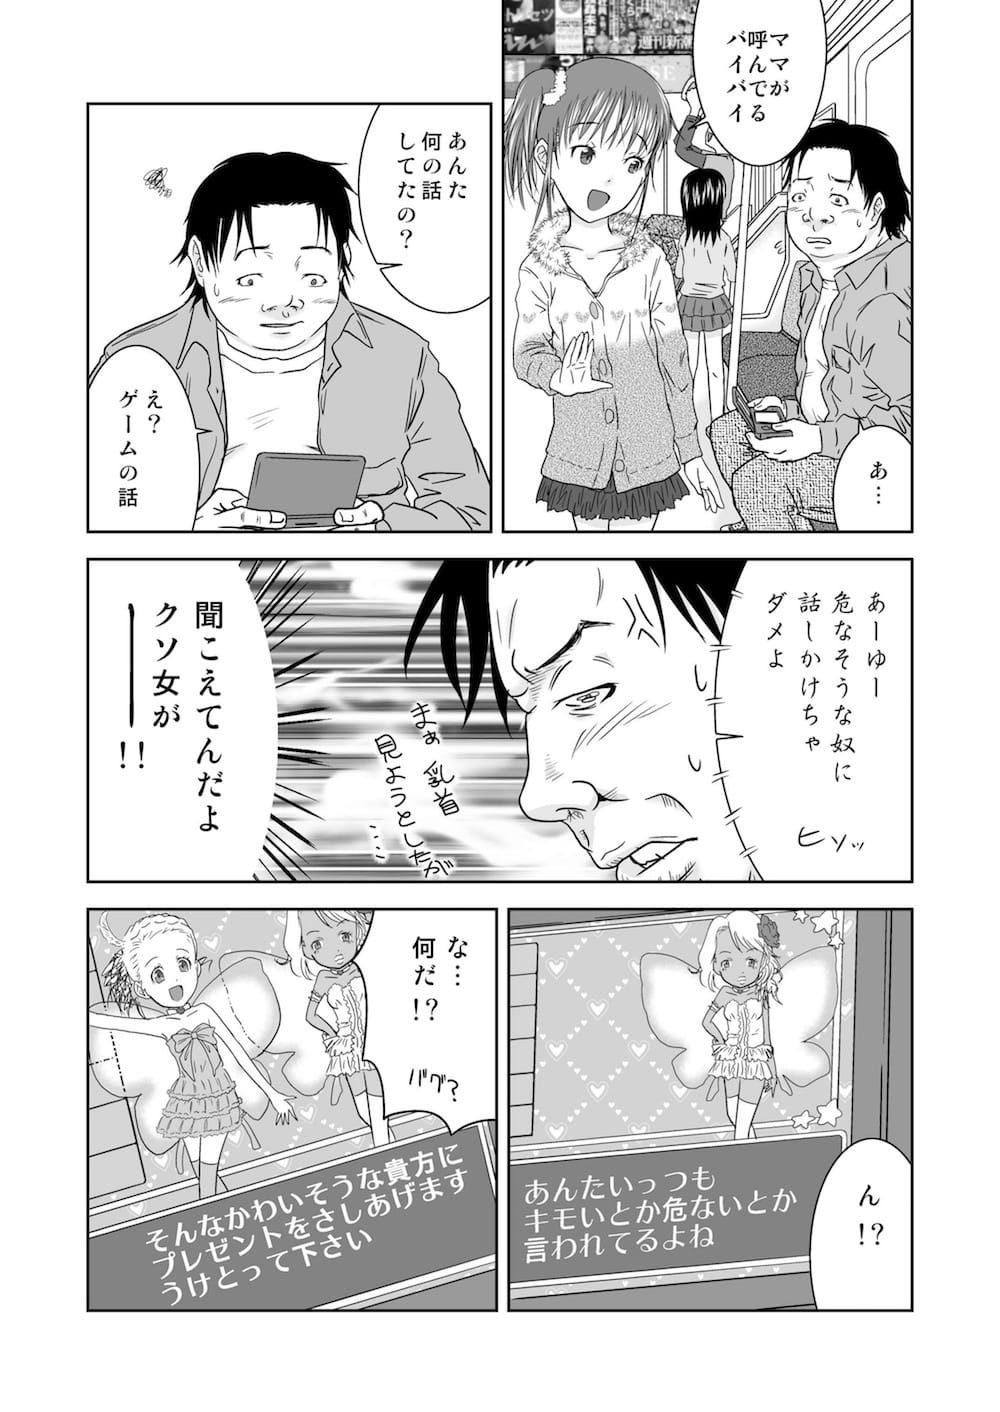 1日1時間だけ時間を止めるオタクが幼女をレイプするw【エロ漫画・同人誌】 004